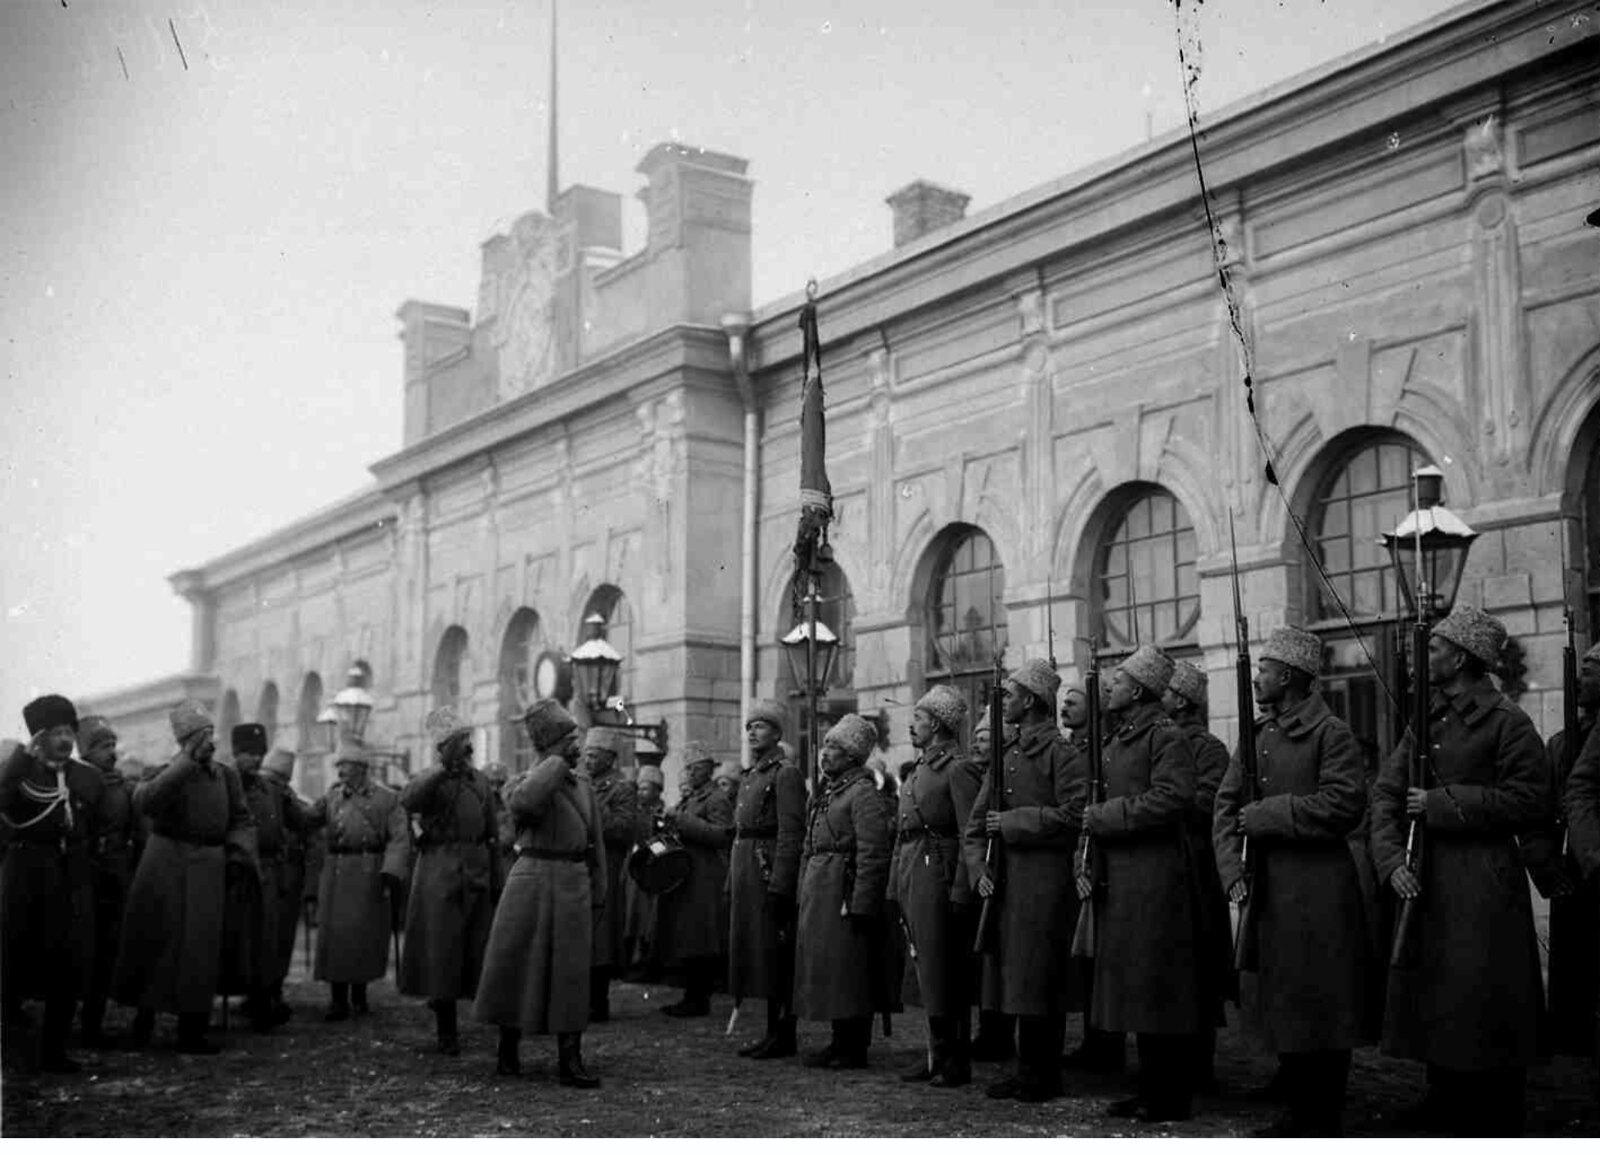 02. 1914. Встреча Императора Николая II на вокзале в Сарыкамыше. Николай II обходит строй почетного караула